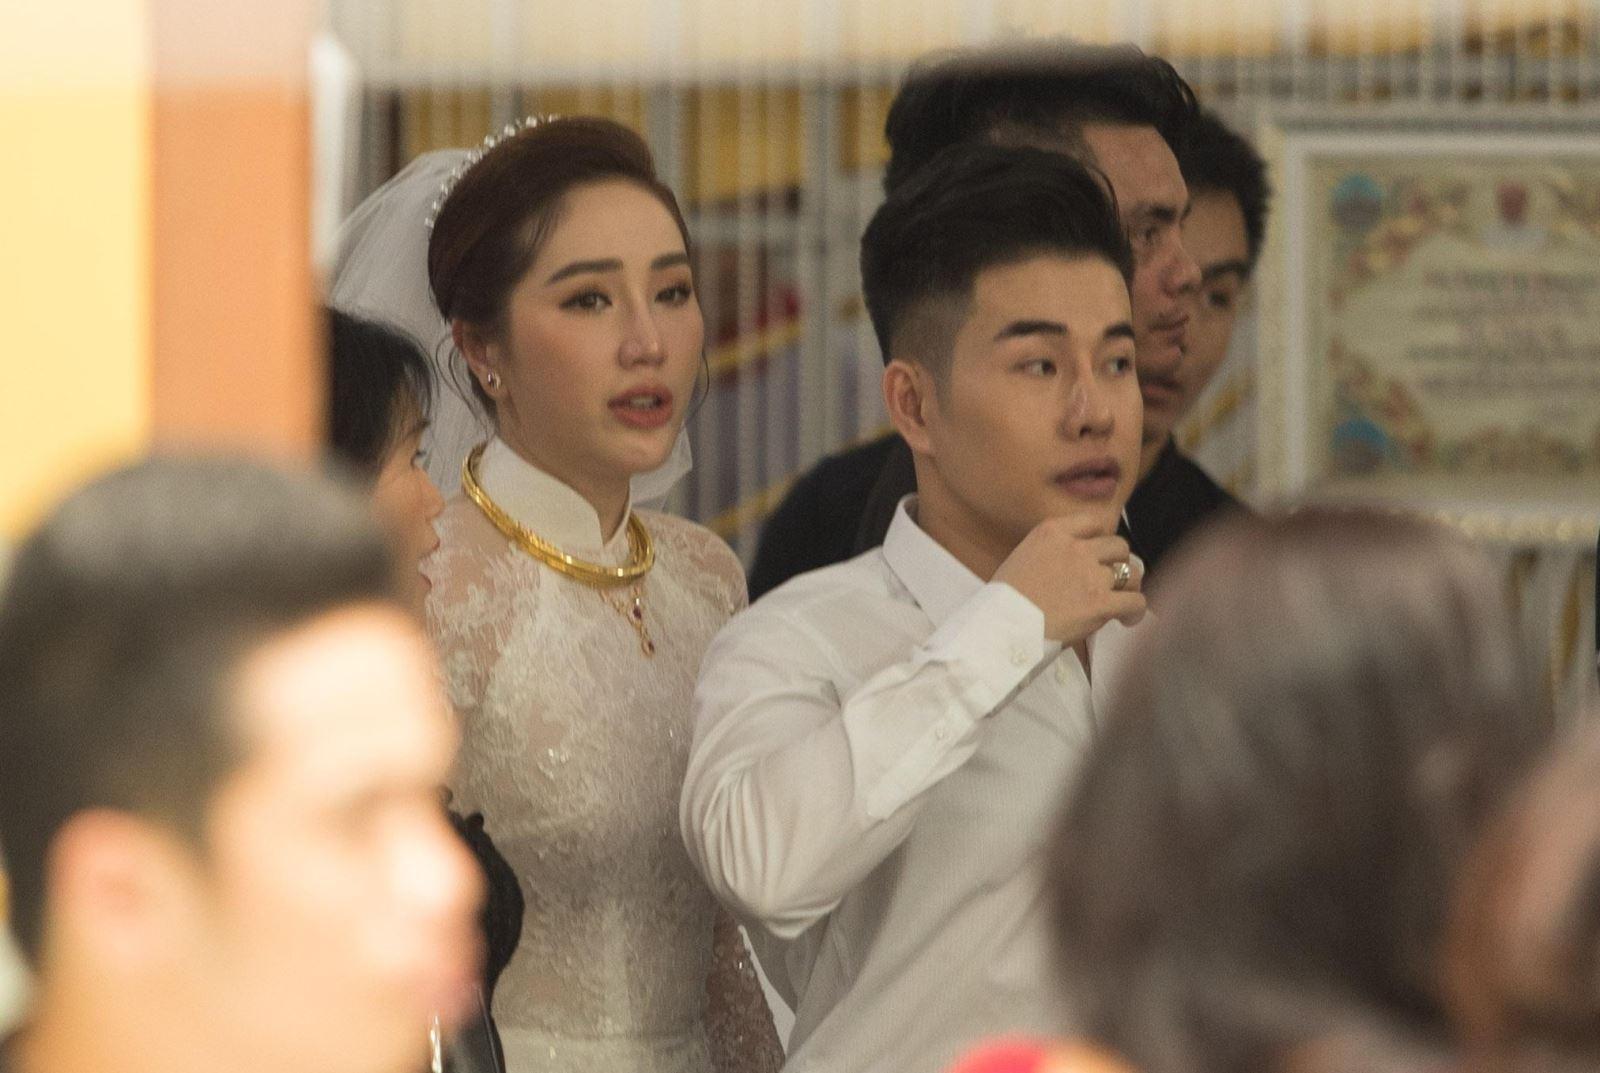 hôn lễ của Bảo Thy, Bảo Thy - Phan Lĩnh, đám cưới Bảo Thy - Phan Lĩnh, lễ cưới của Bảo Thy và chồng doanh nhân, Bảo Thy, Bao Thy, chồng Bảo Thy là ai